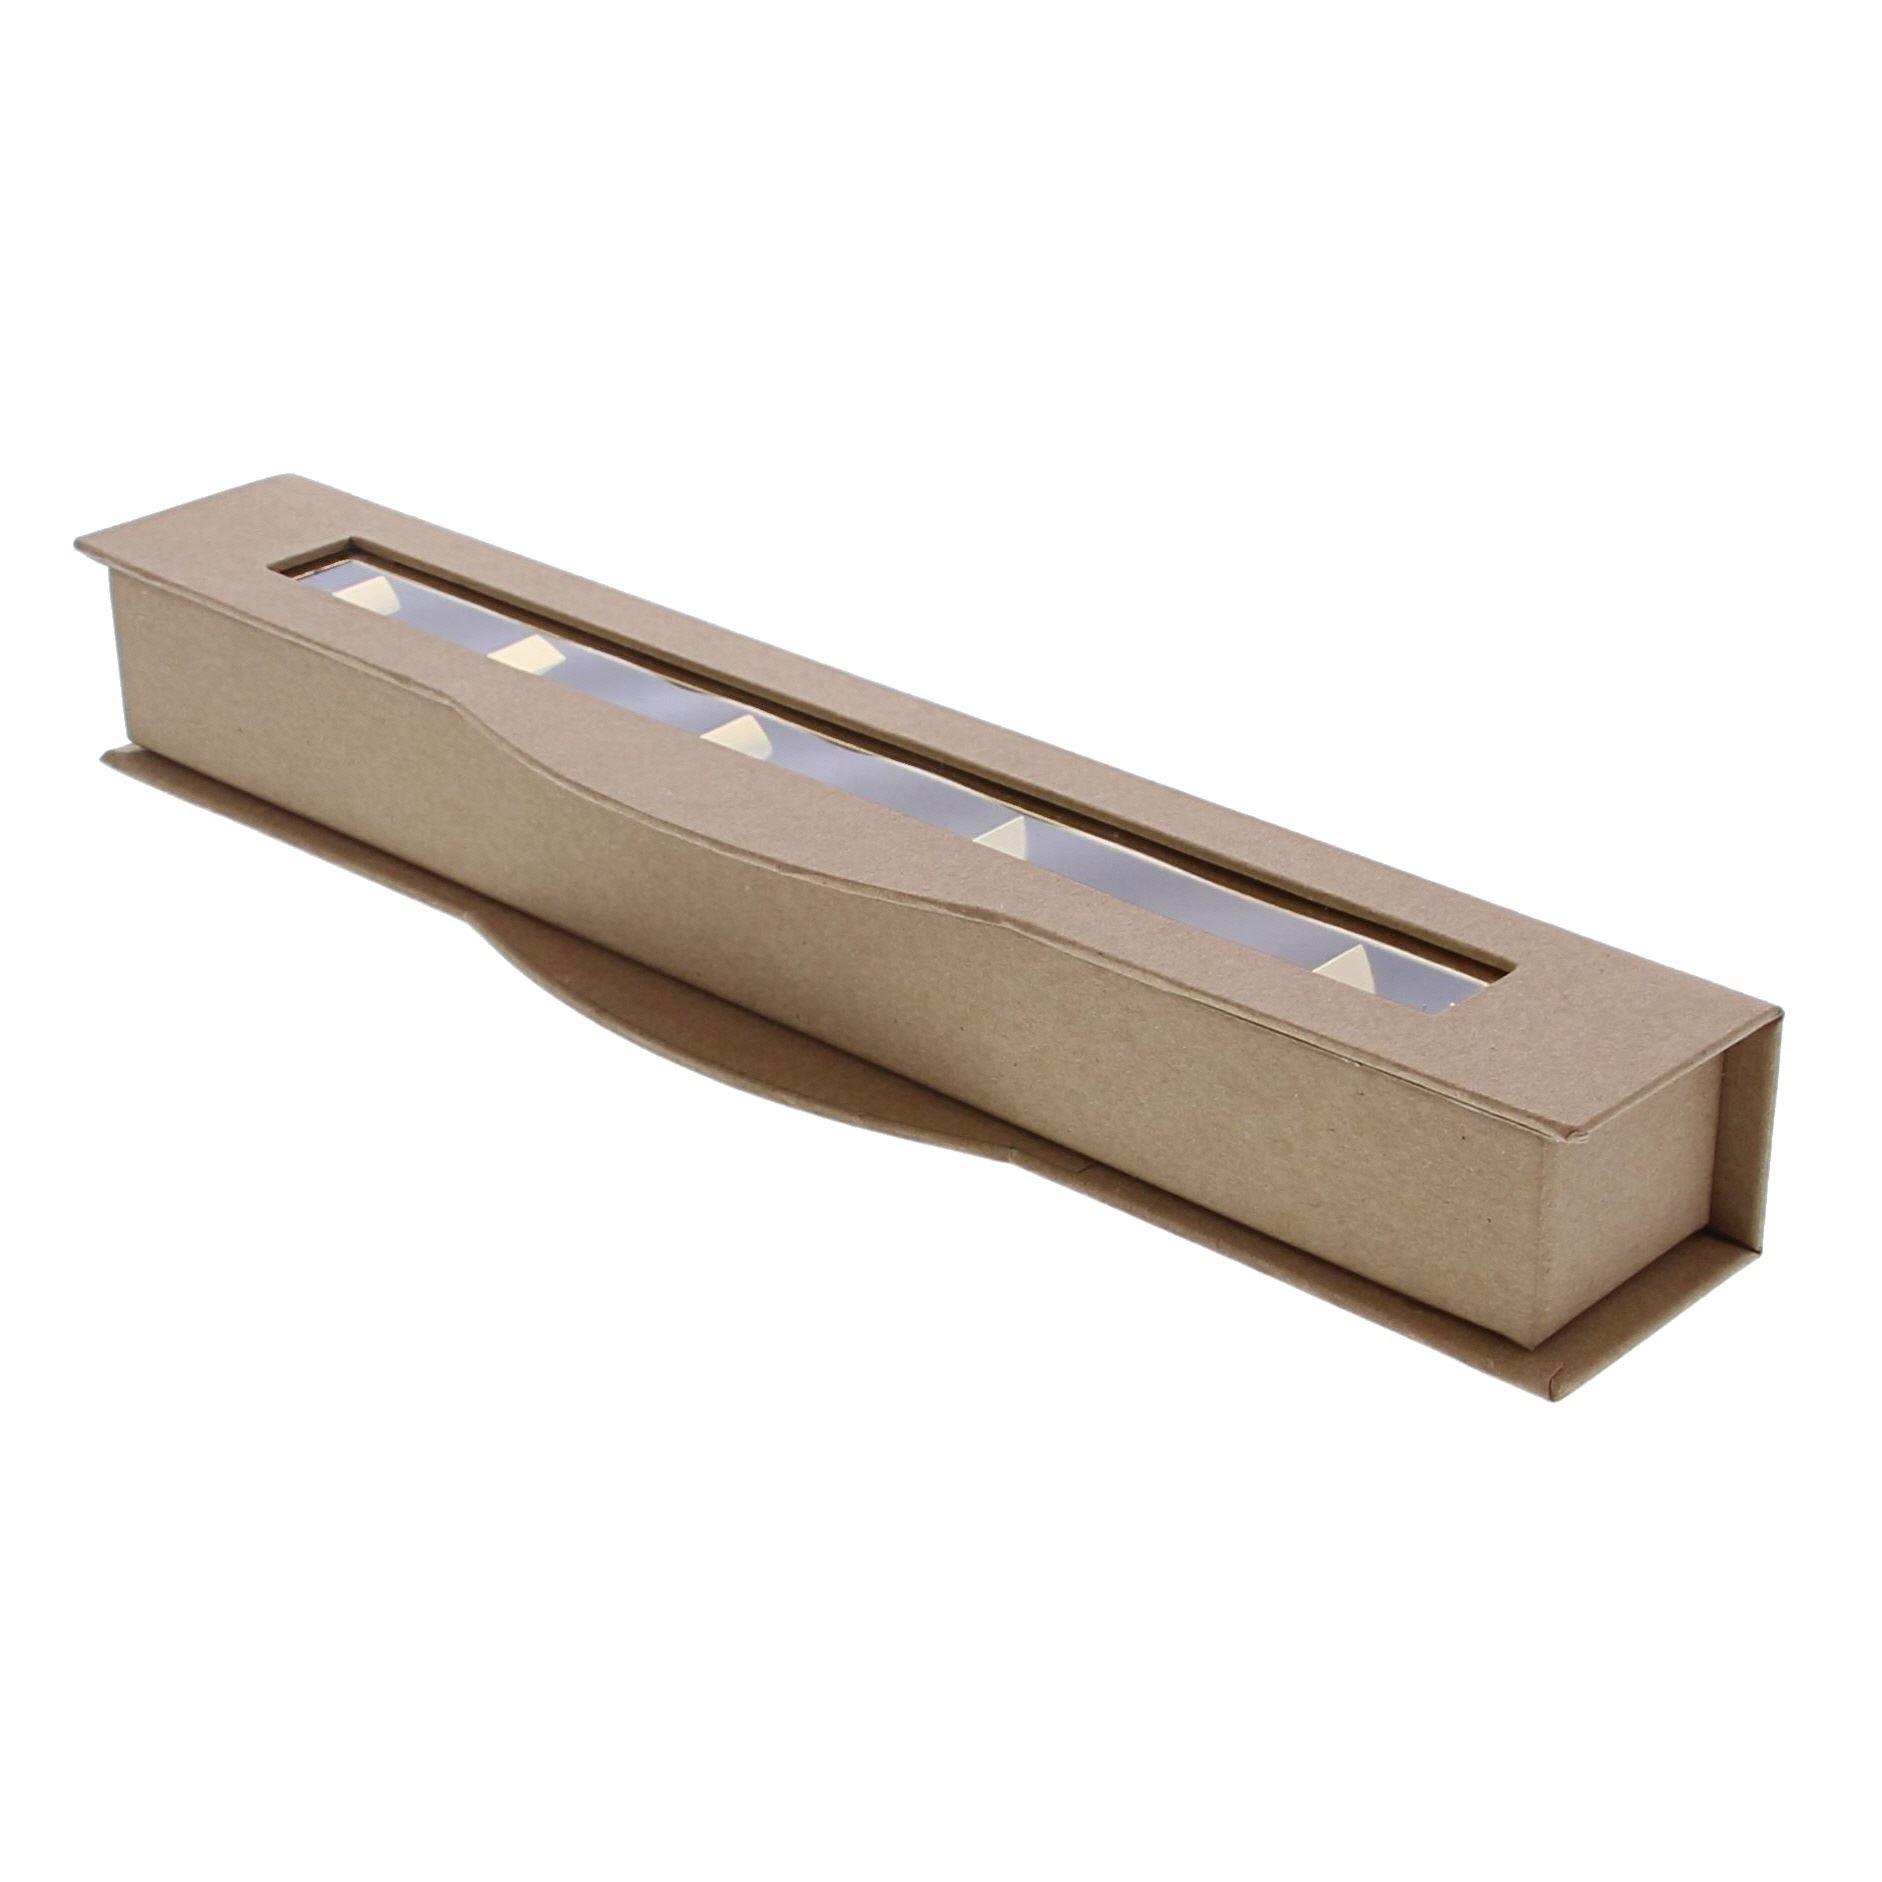 Boite à fenêtre transparente  6 pralines kraft - 285 *55*40  mm - 20 pièces